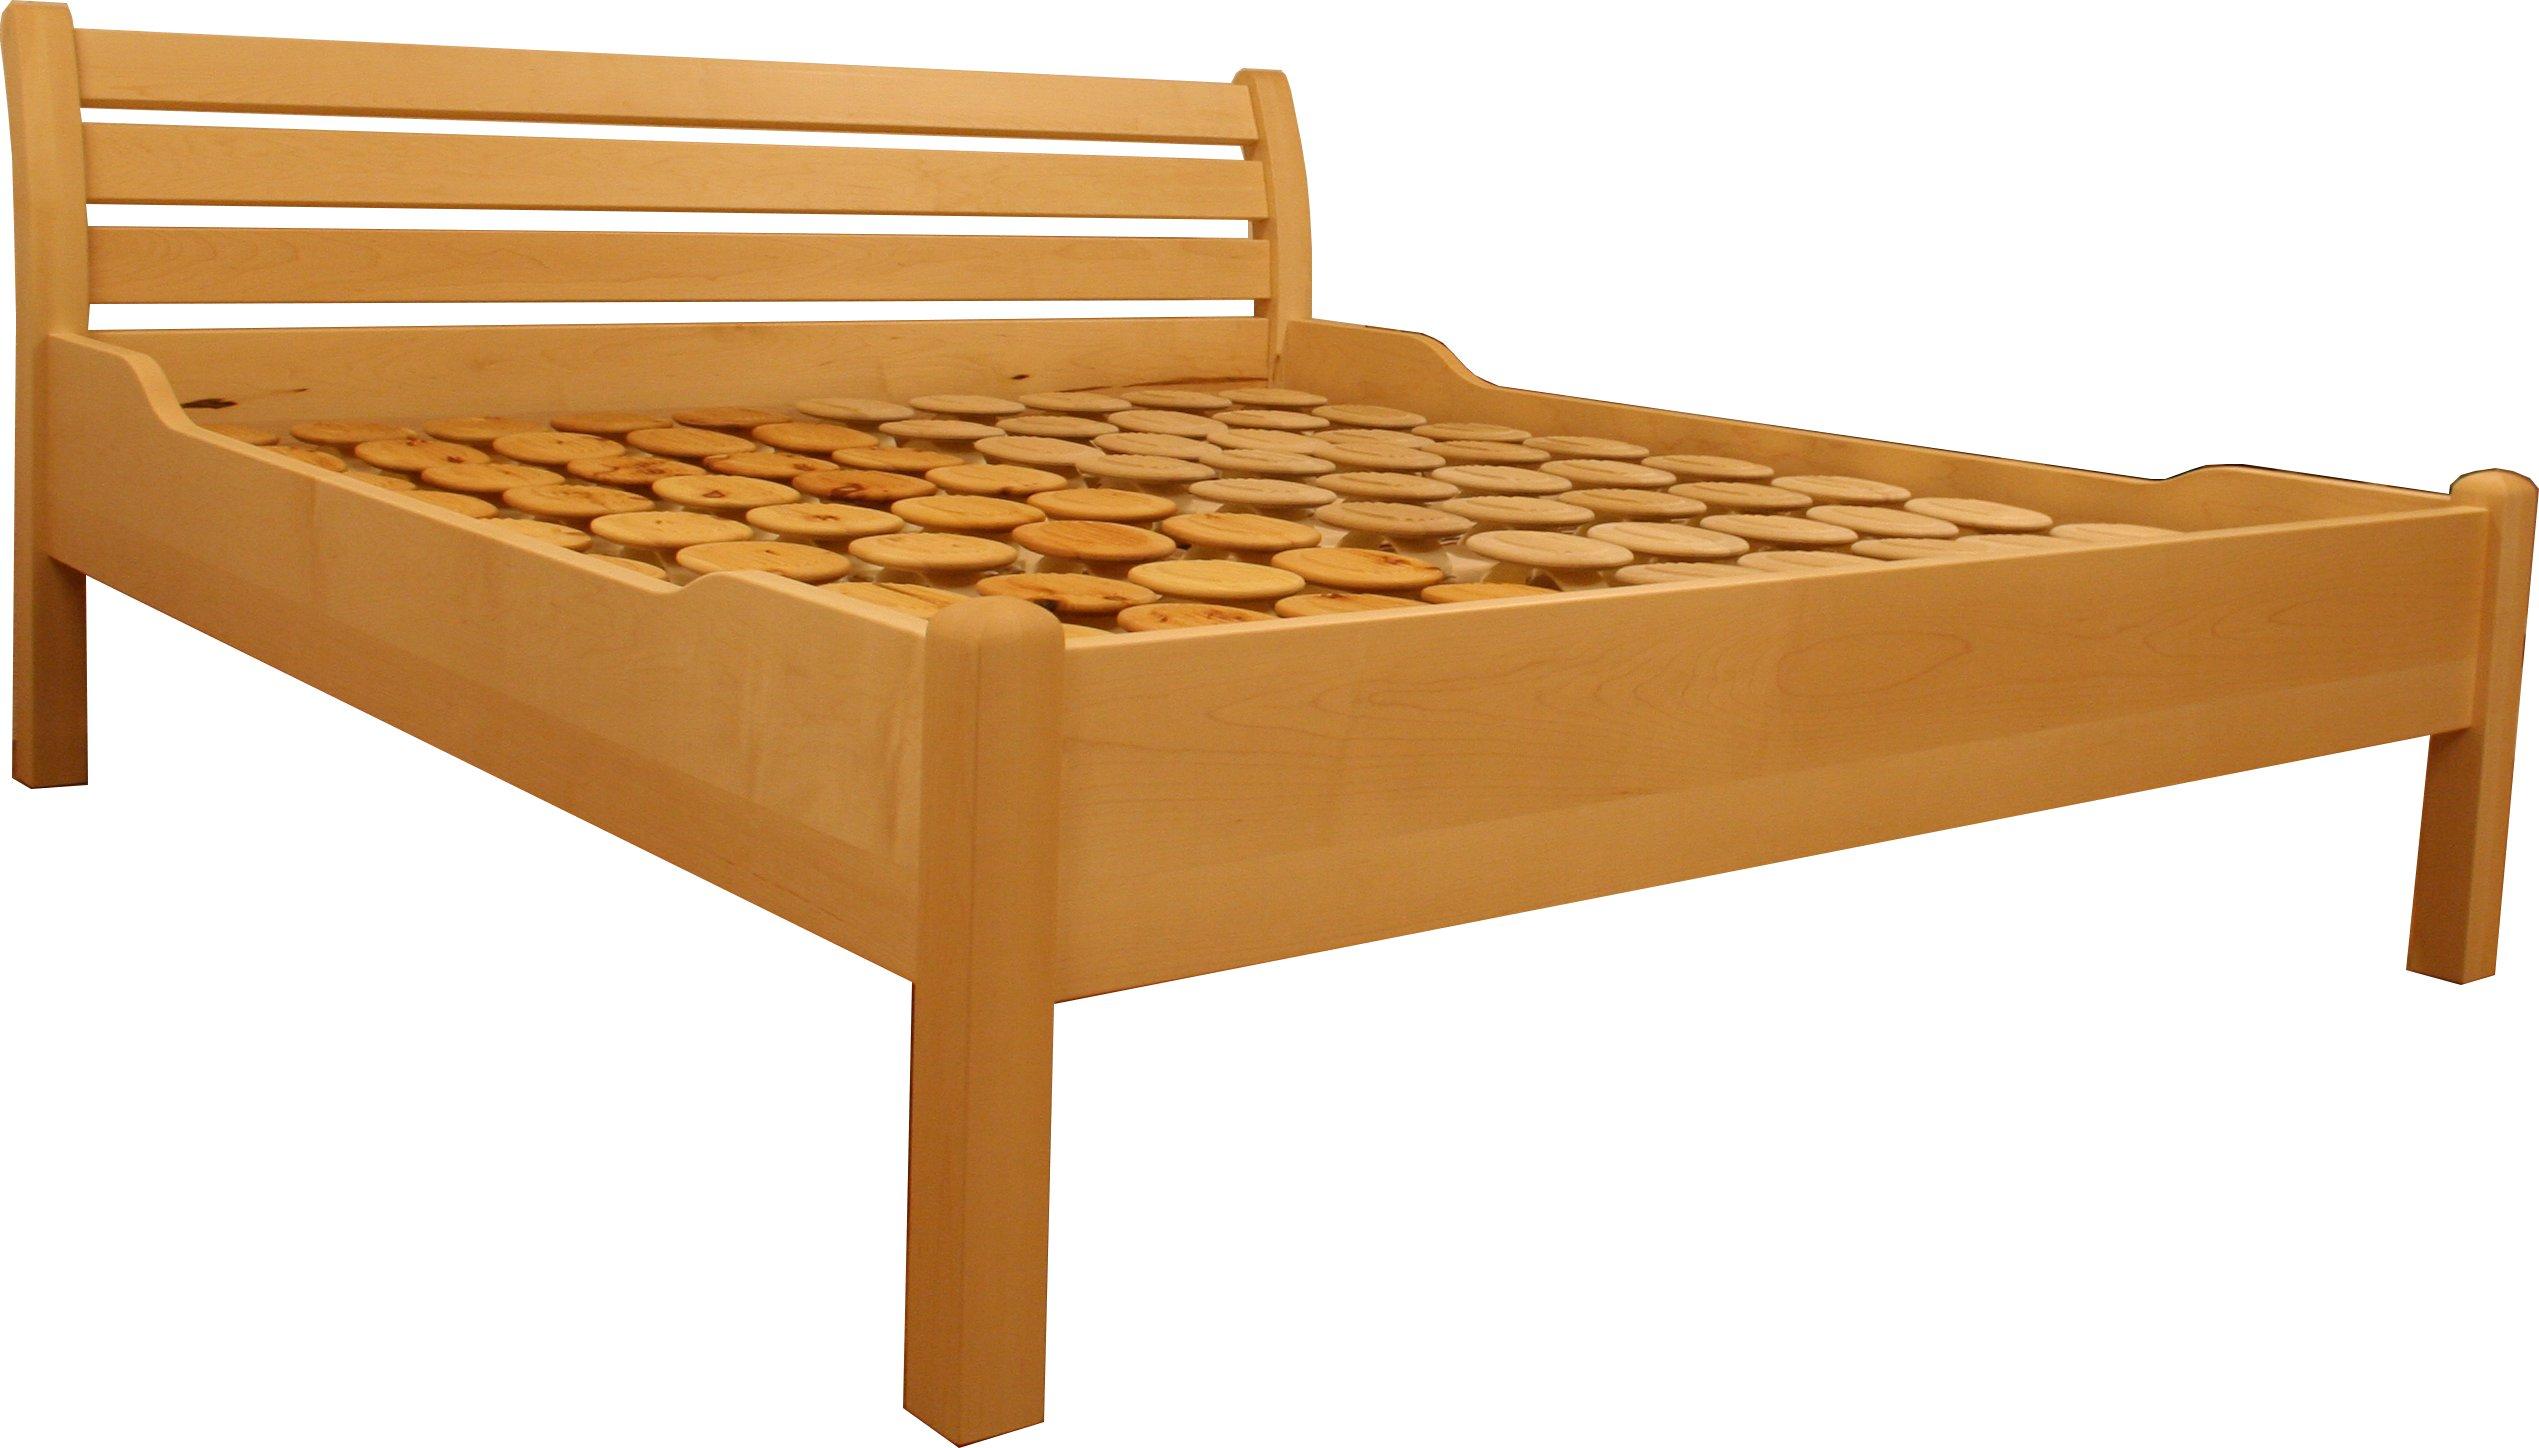 betten vor dem esche moderne jugendbetten g nstig im. Black Bedroom Furniture Sets. Home Design Ideas